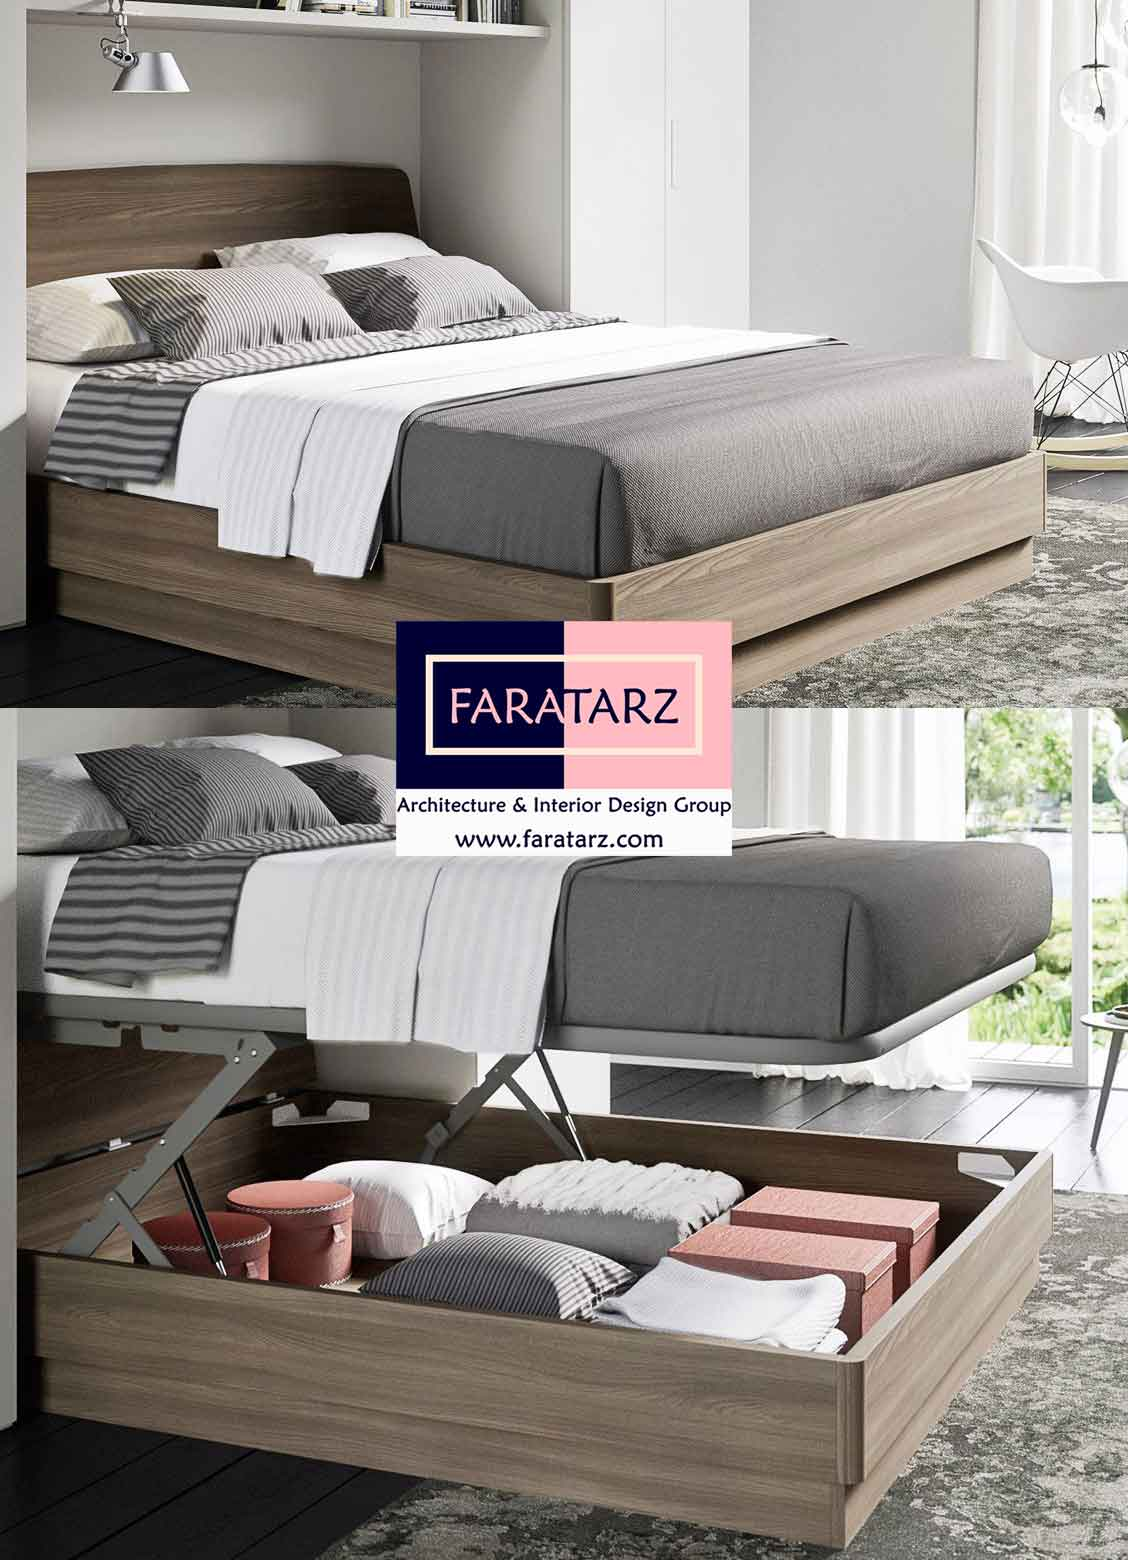 تخت خواب های پاپ آپ چند منظوره اتاق خواب